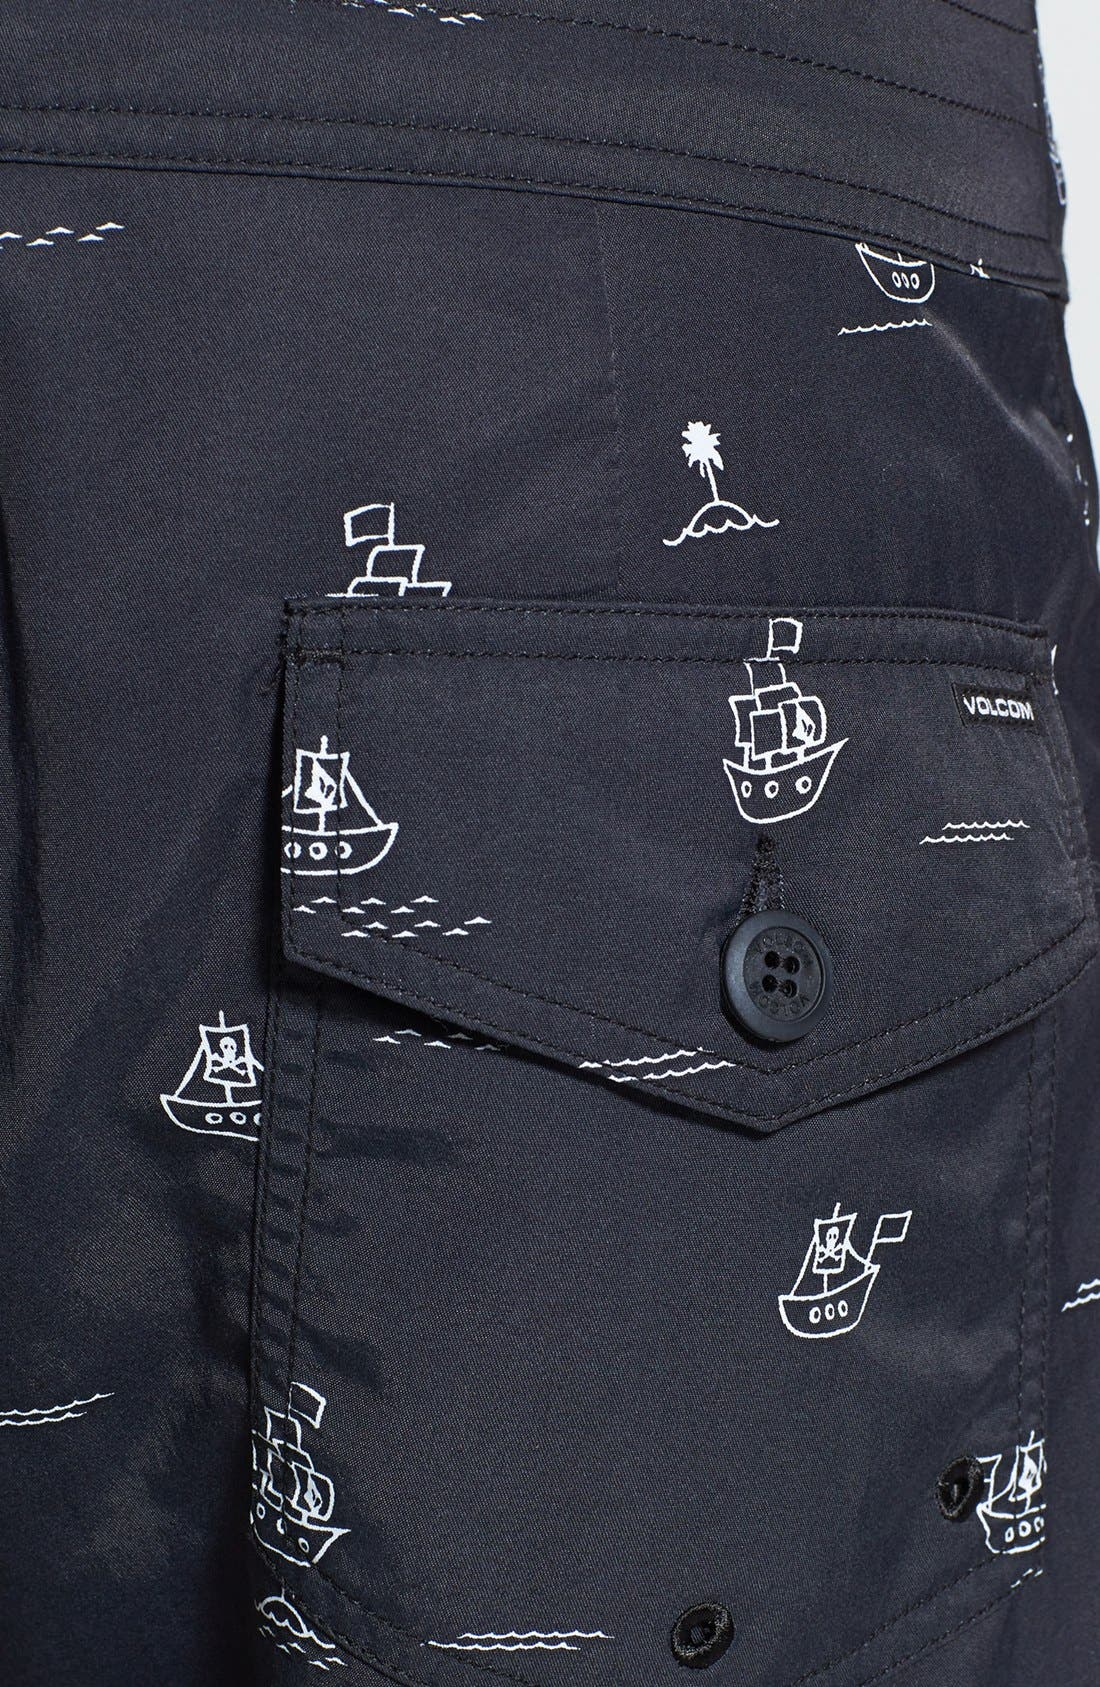 'Vin Vang' Print Swim Shorts,                             Alternate thumbnail 2, color,                             001